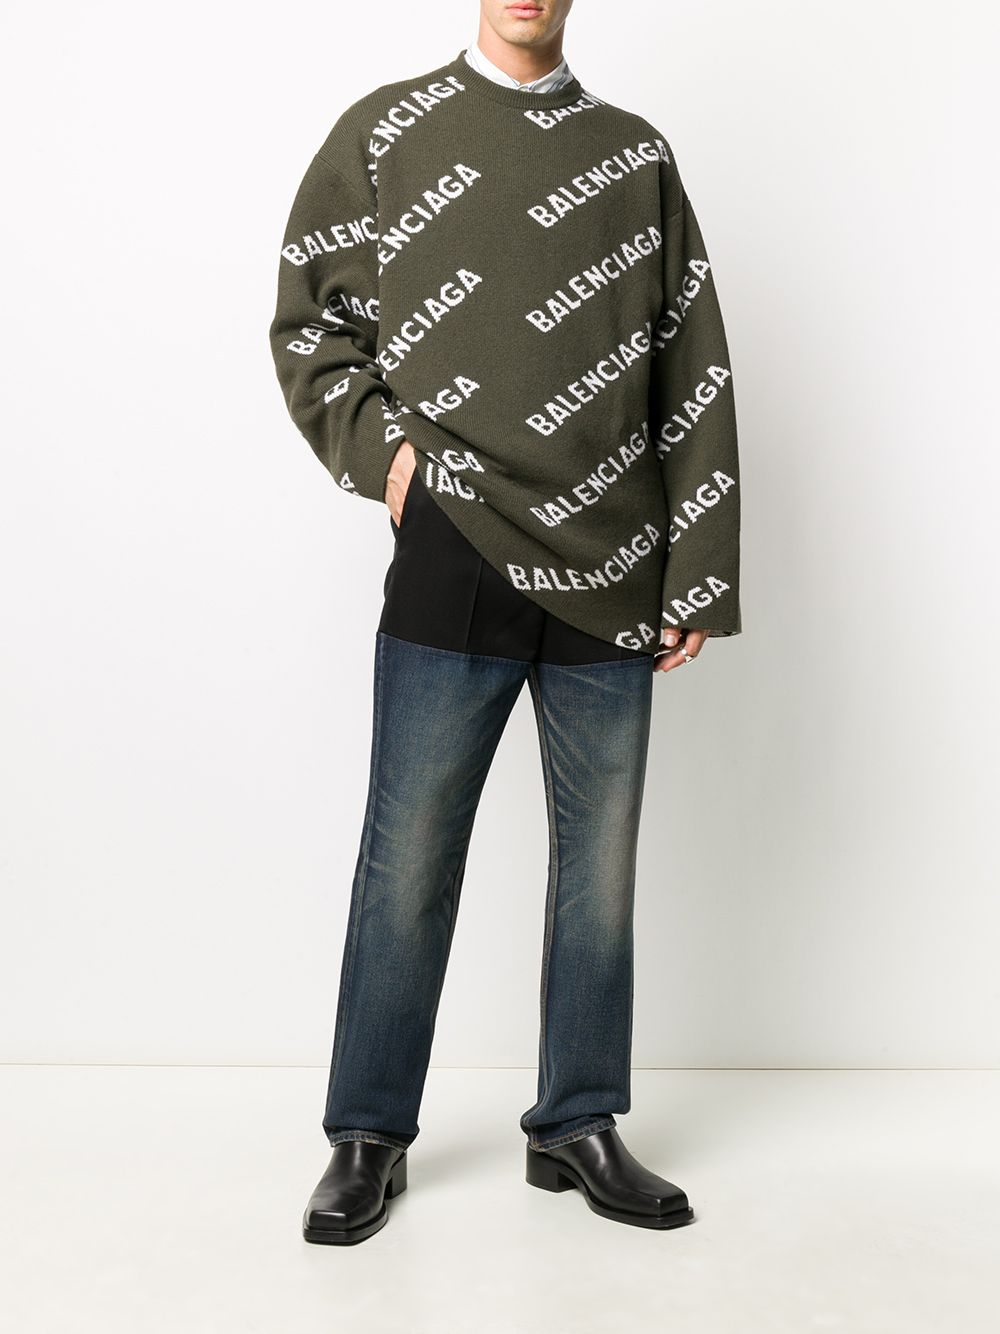 Maglione in maglia di lana con intarsio verde kaki con lettering logo obliquo bianco Balenciaga BALENCIAGA | Maglieria | 623283-T15673567